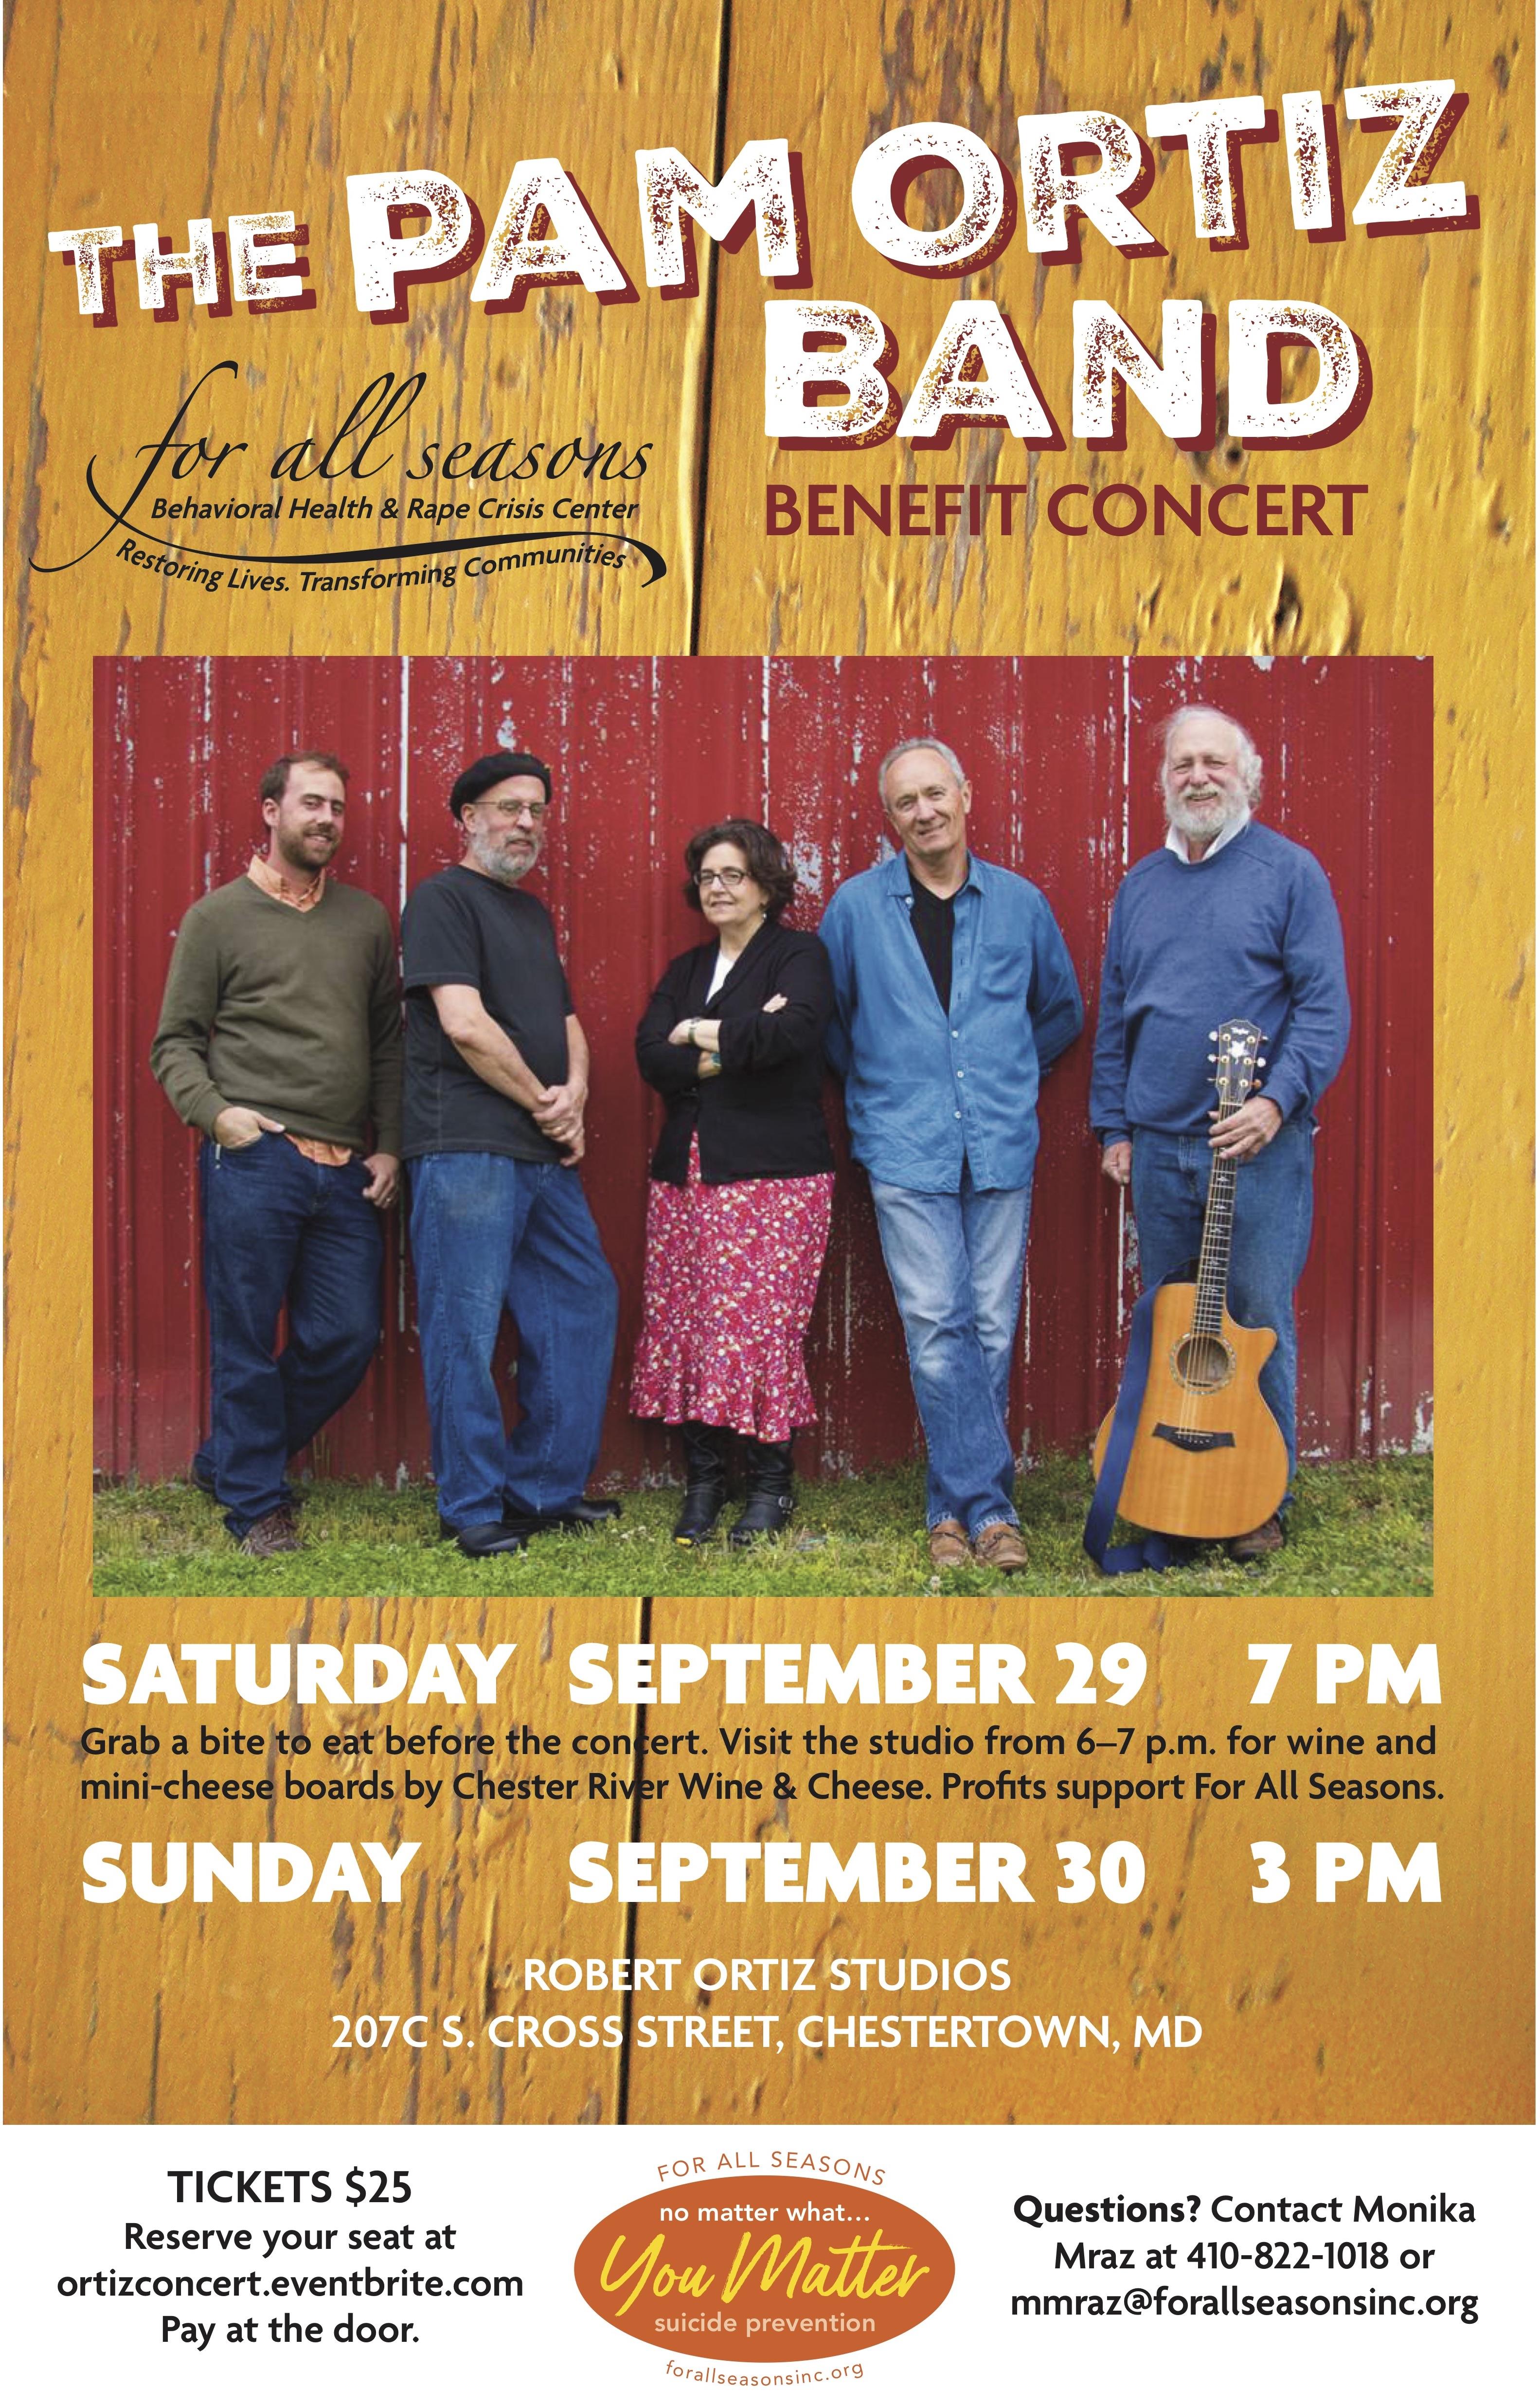 Pam Ortiz Benefit Concert